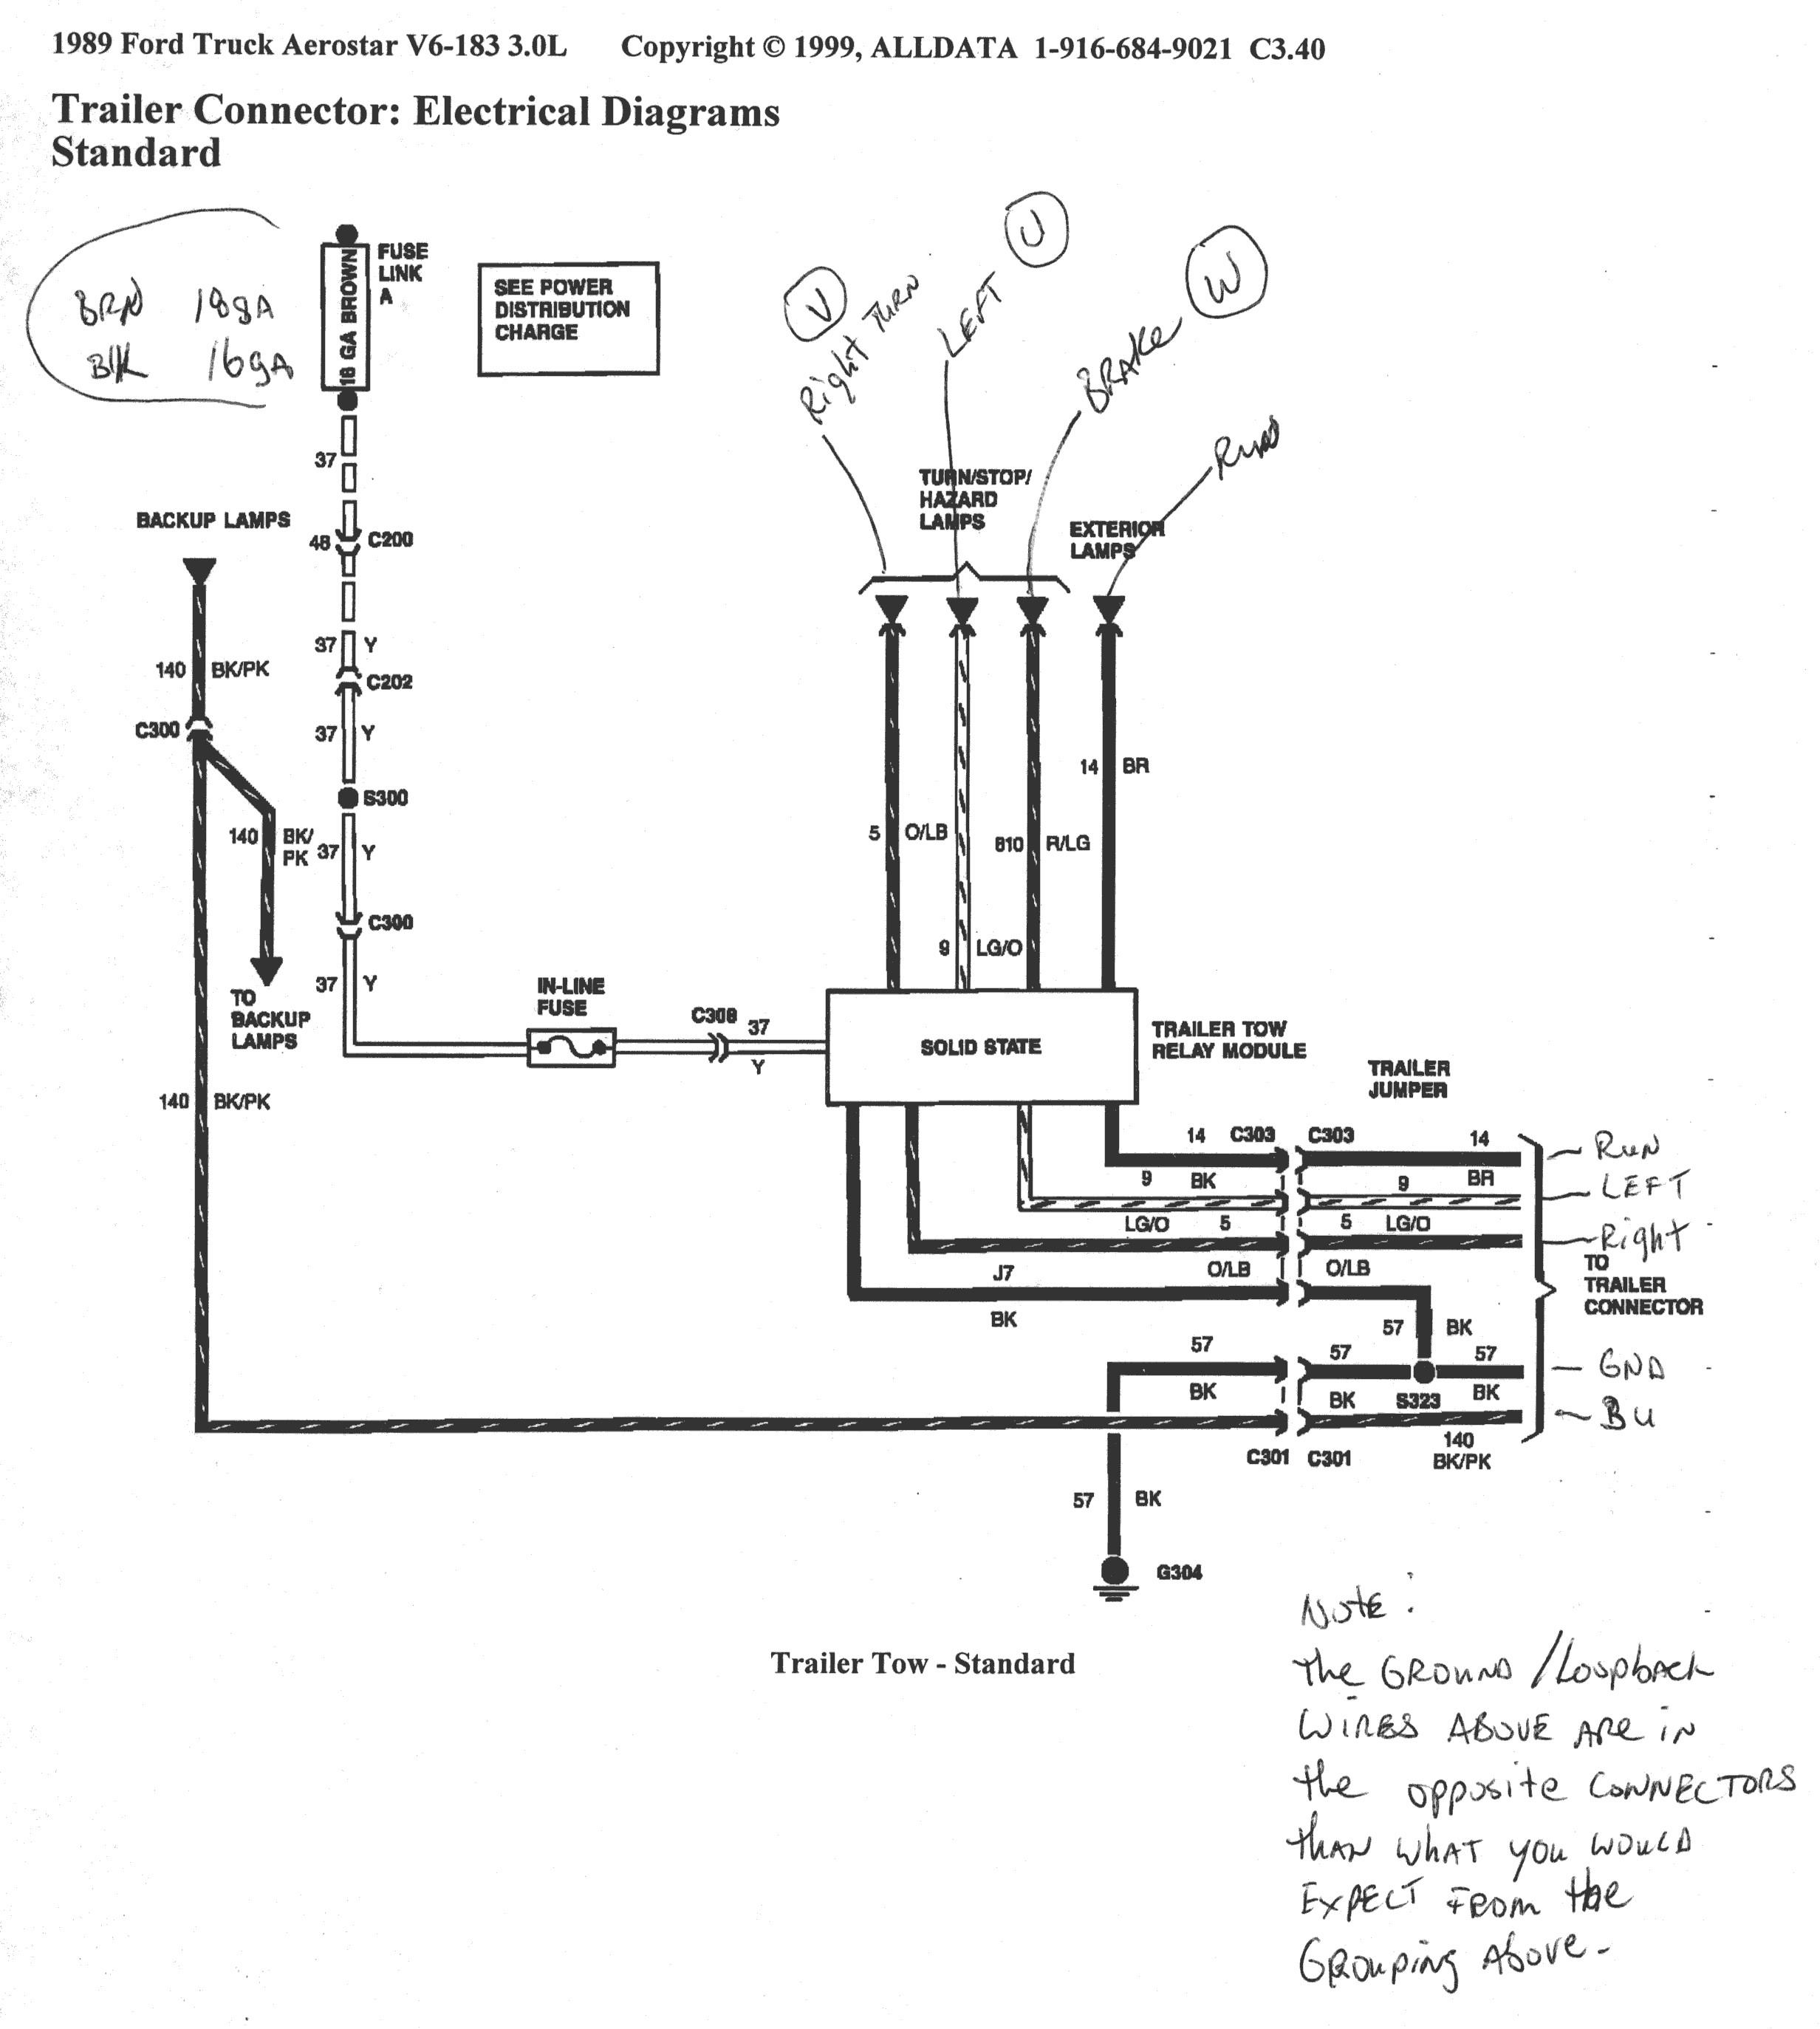 Ford Trailer Plug Wiring Diagram Car Trailer Wiring Diagram Blurts Of Ford Trailer Plug Wiring Diagram